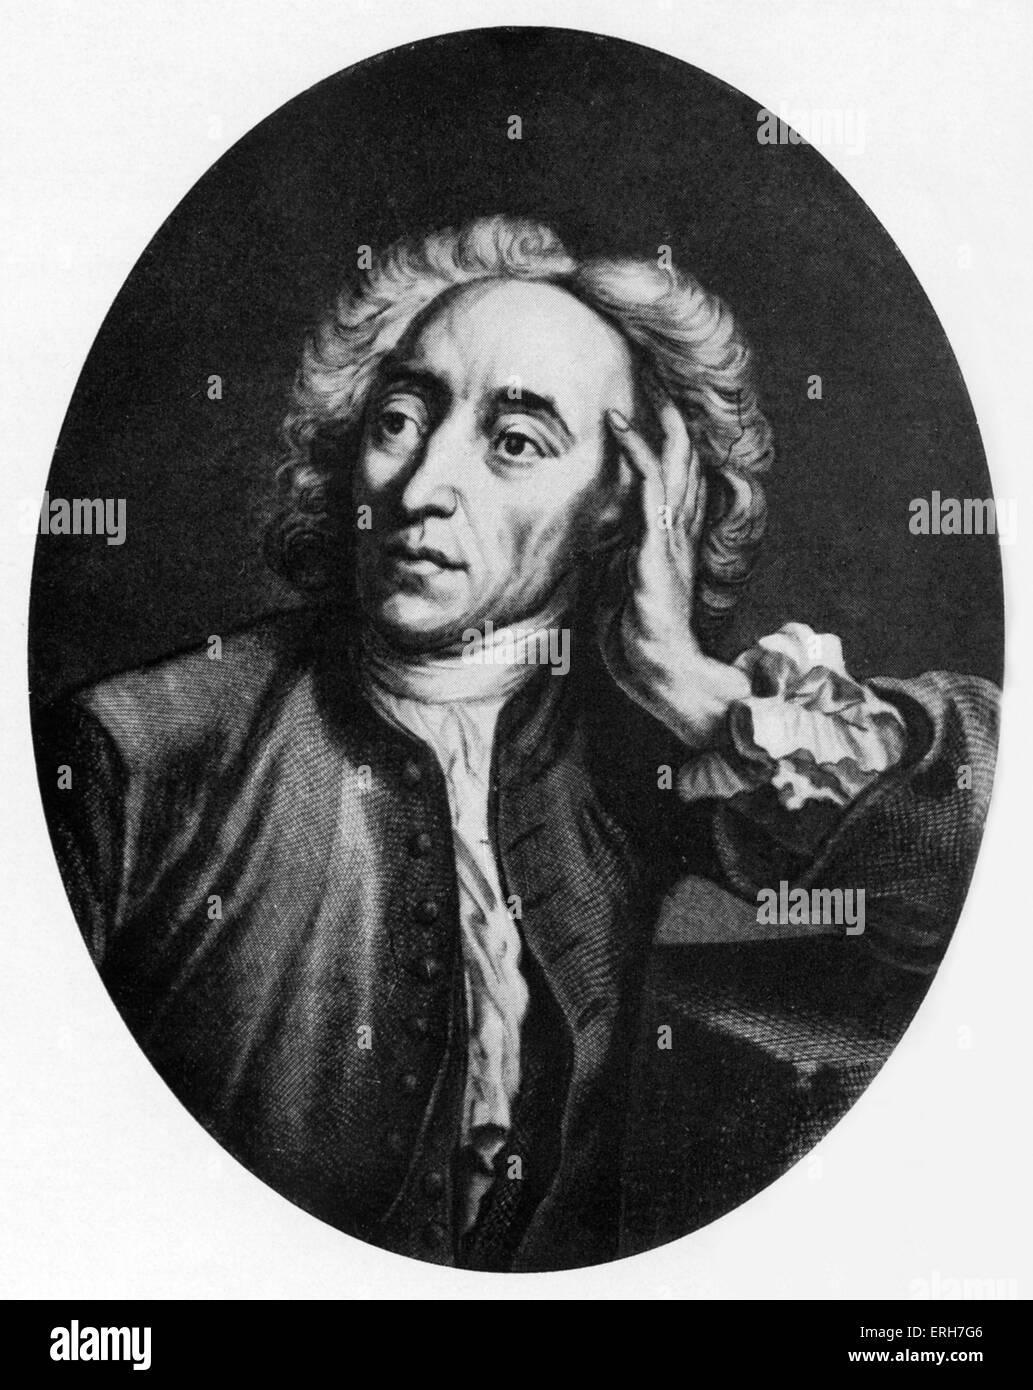 Alexander Pope - ritratto. Xviii secolo del poeta inglese 21 Maggio 1688 - 30 Maggio 1744 Immagini Stock